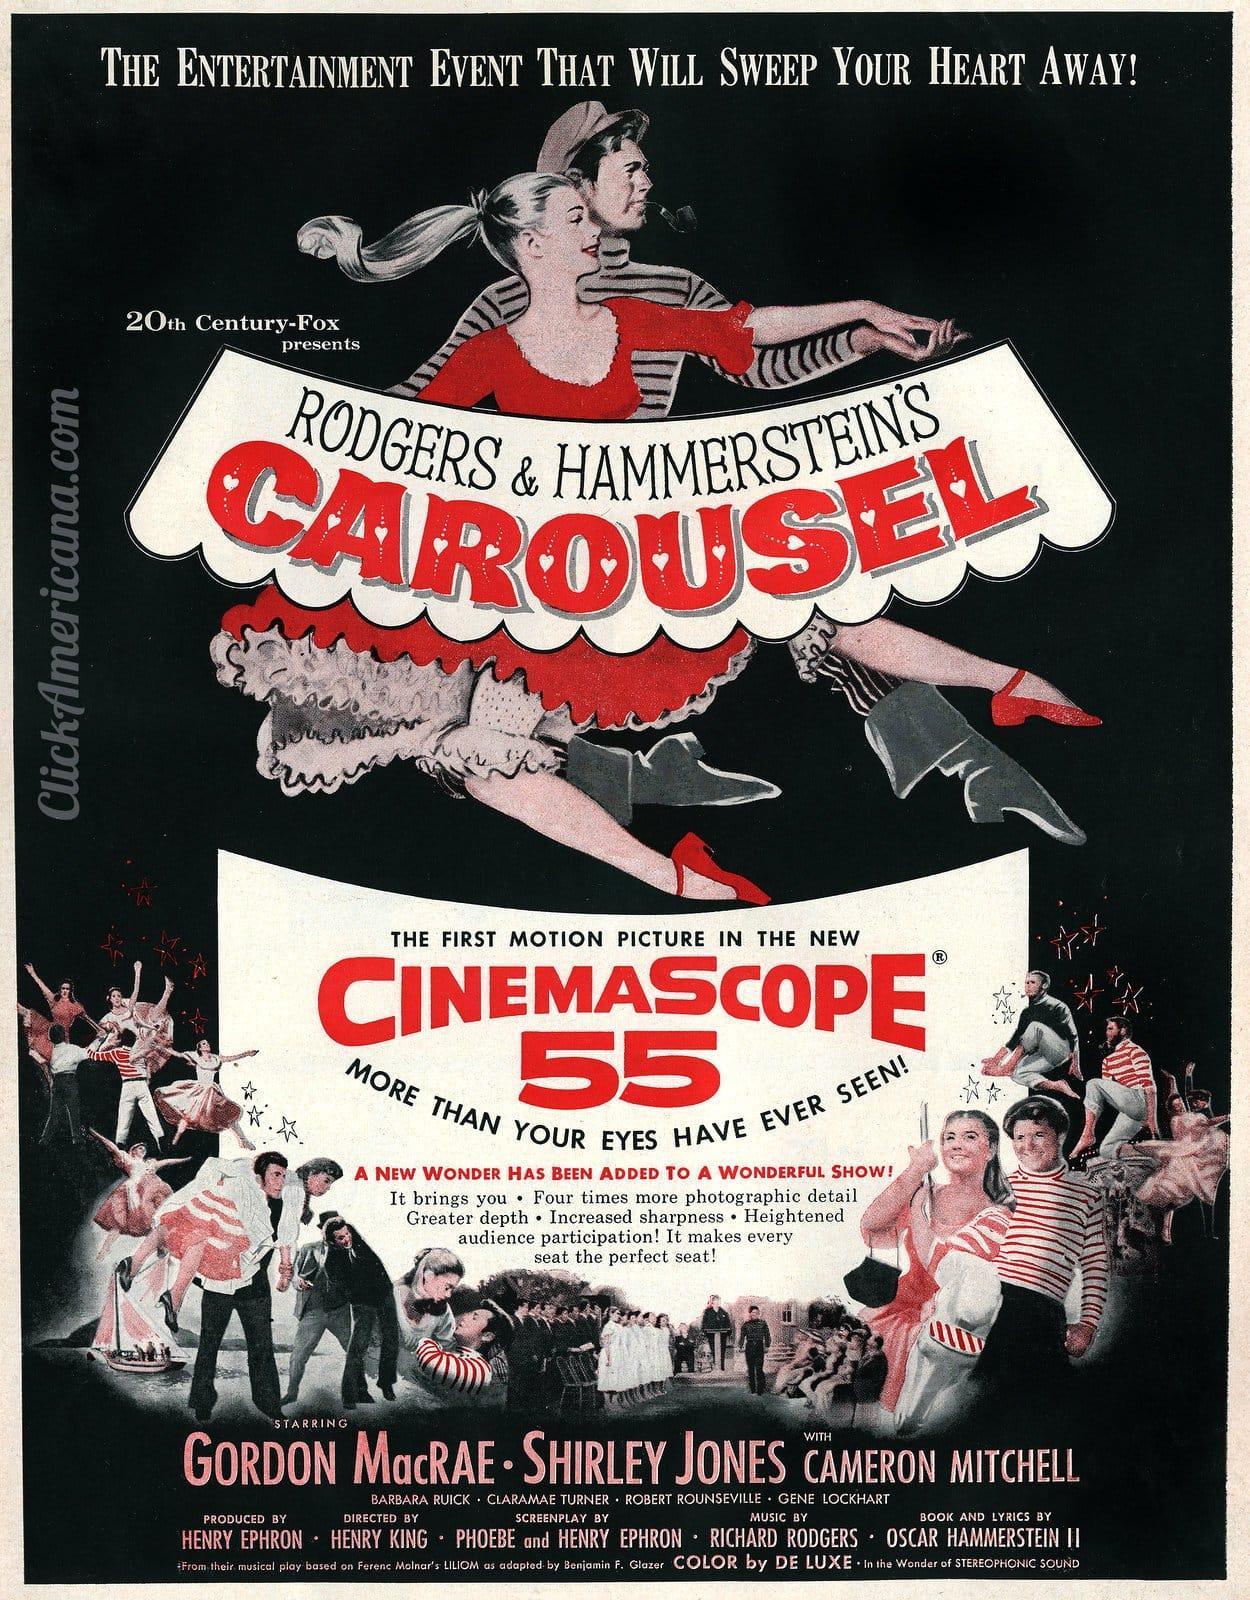 Vintage Carousel movie ad (1956)